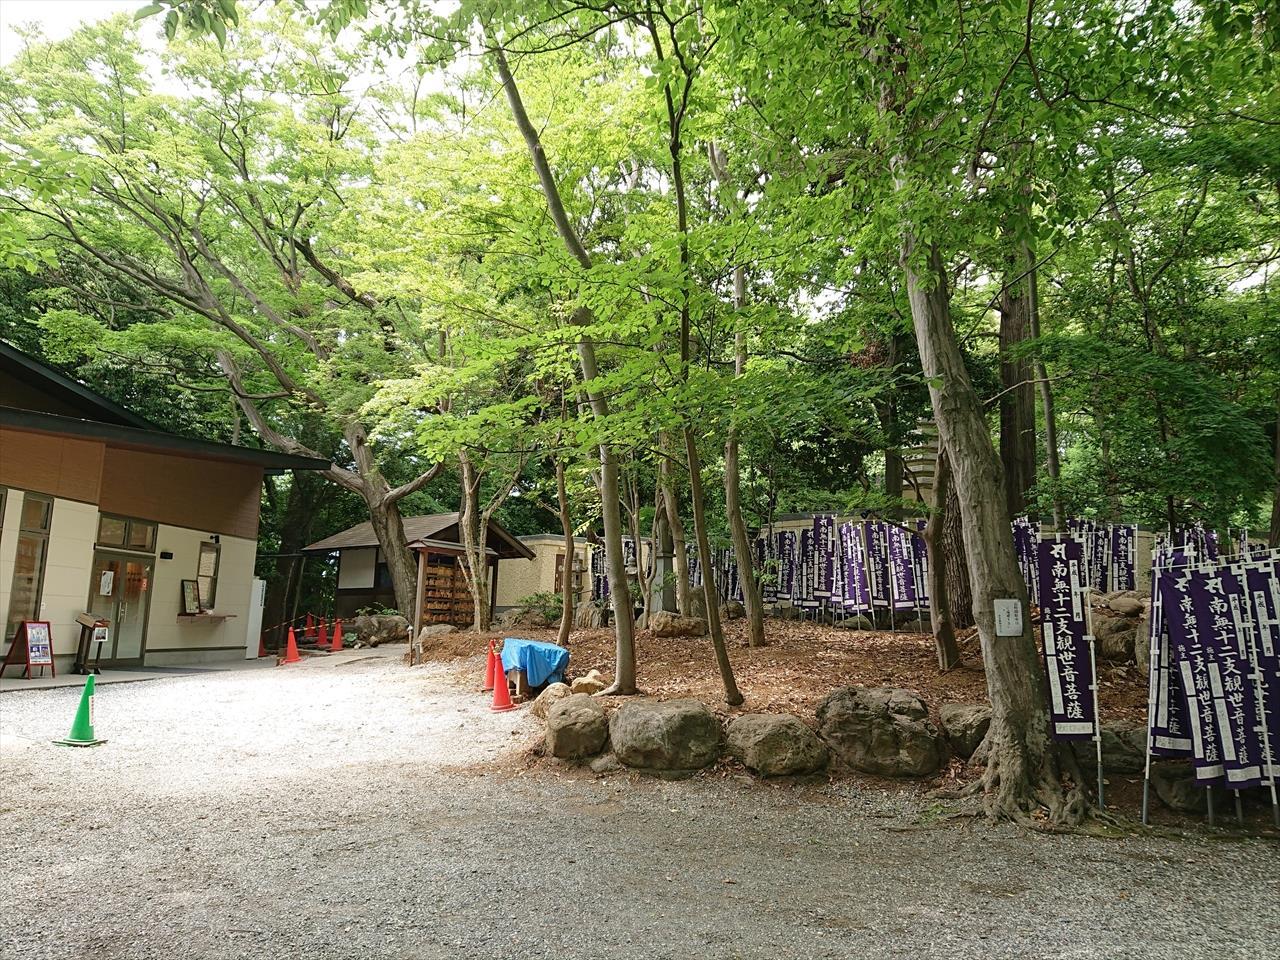 科�9��n/y�.��l_「梅雨入り前の深大寺」ば~た~のブログ|GarageSKYLI